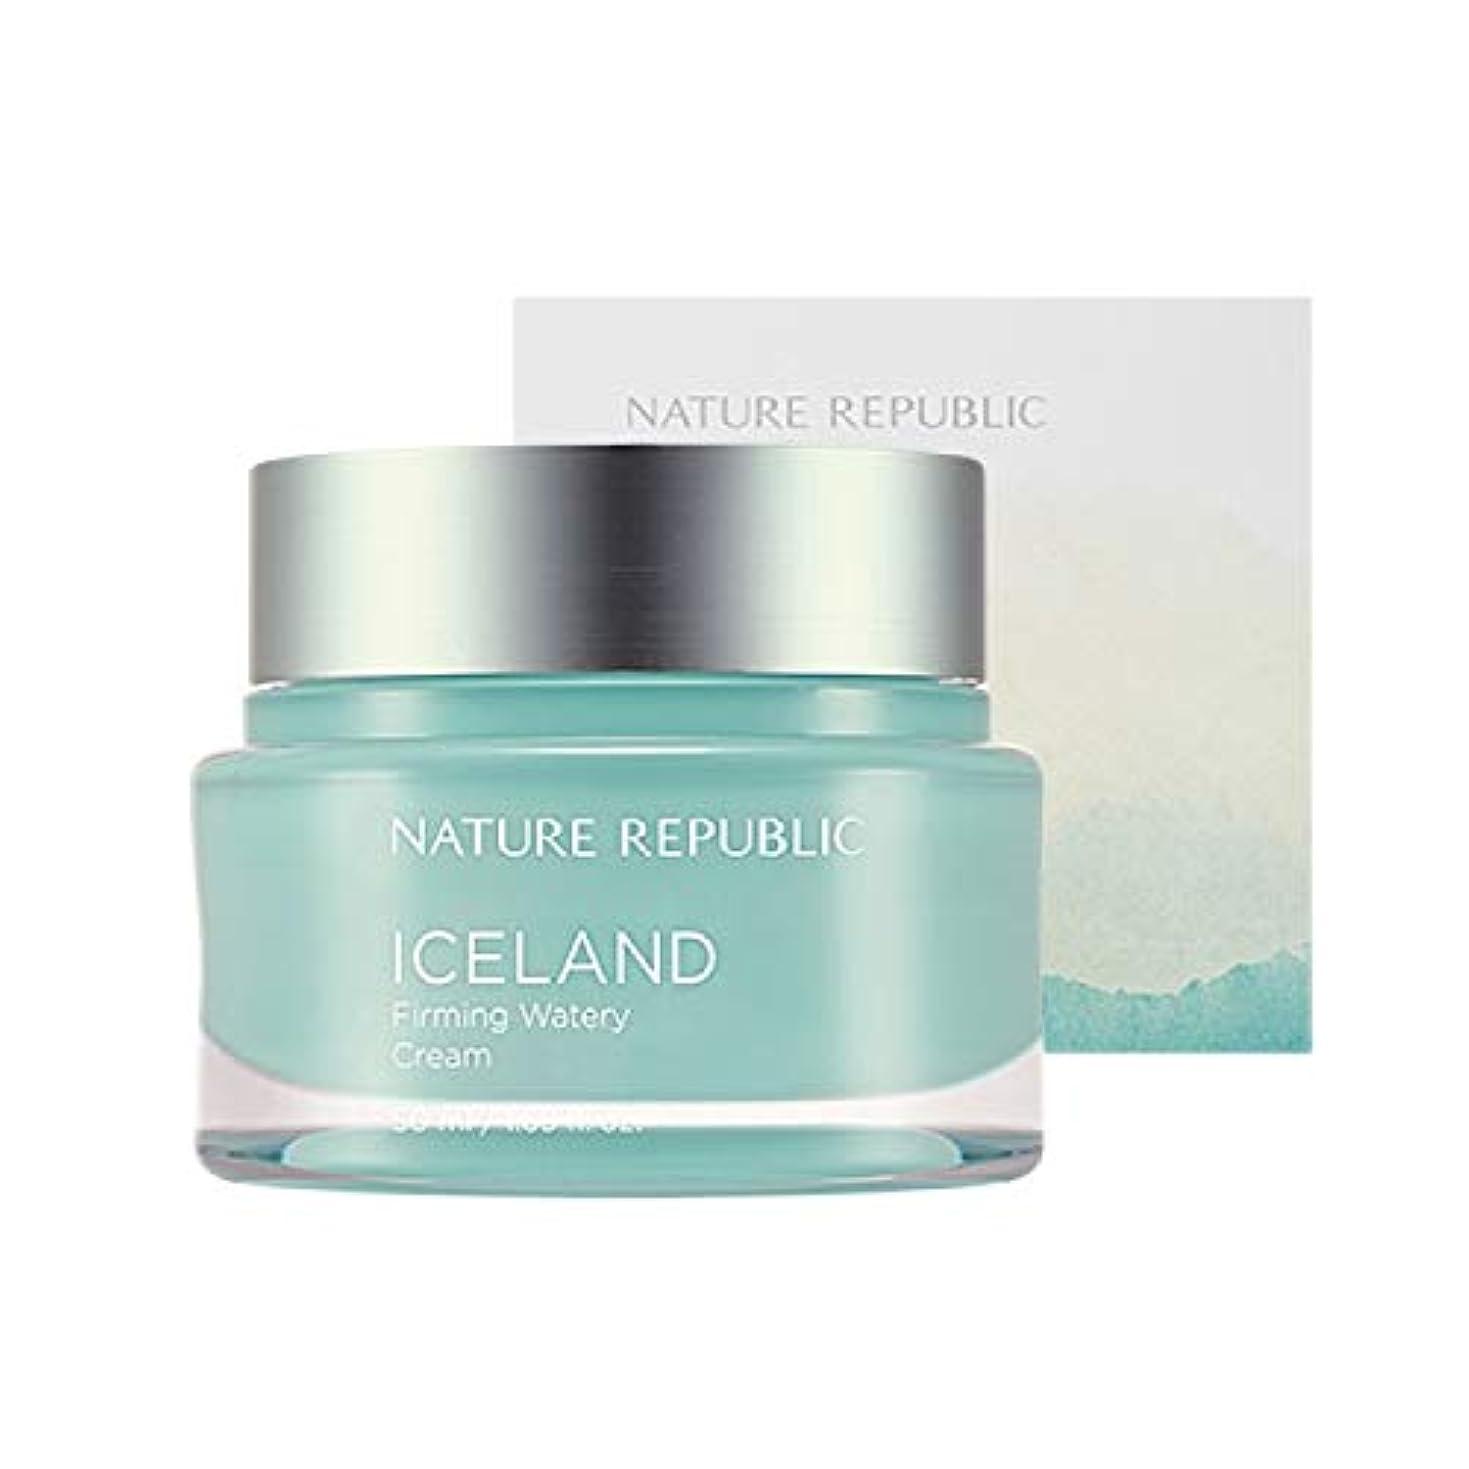 庭園試みる持っているネイチャーリパブリック(Nature Republic)アイスファーミング水分クリーム50ml / Iceland Firming Watery Cream 50ml :: 韓国コスメ [並行輸入品]